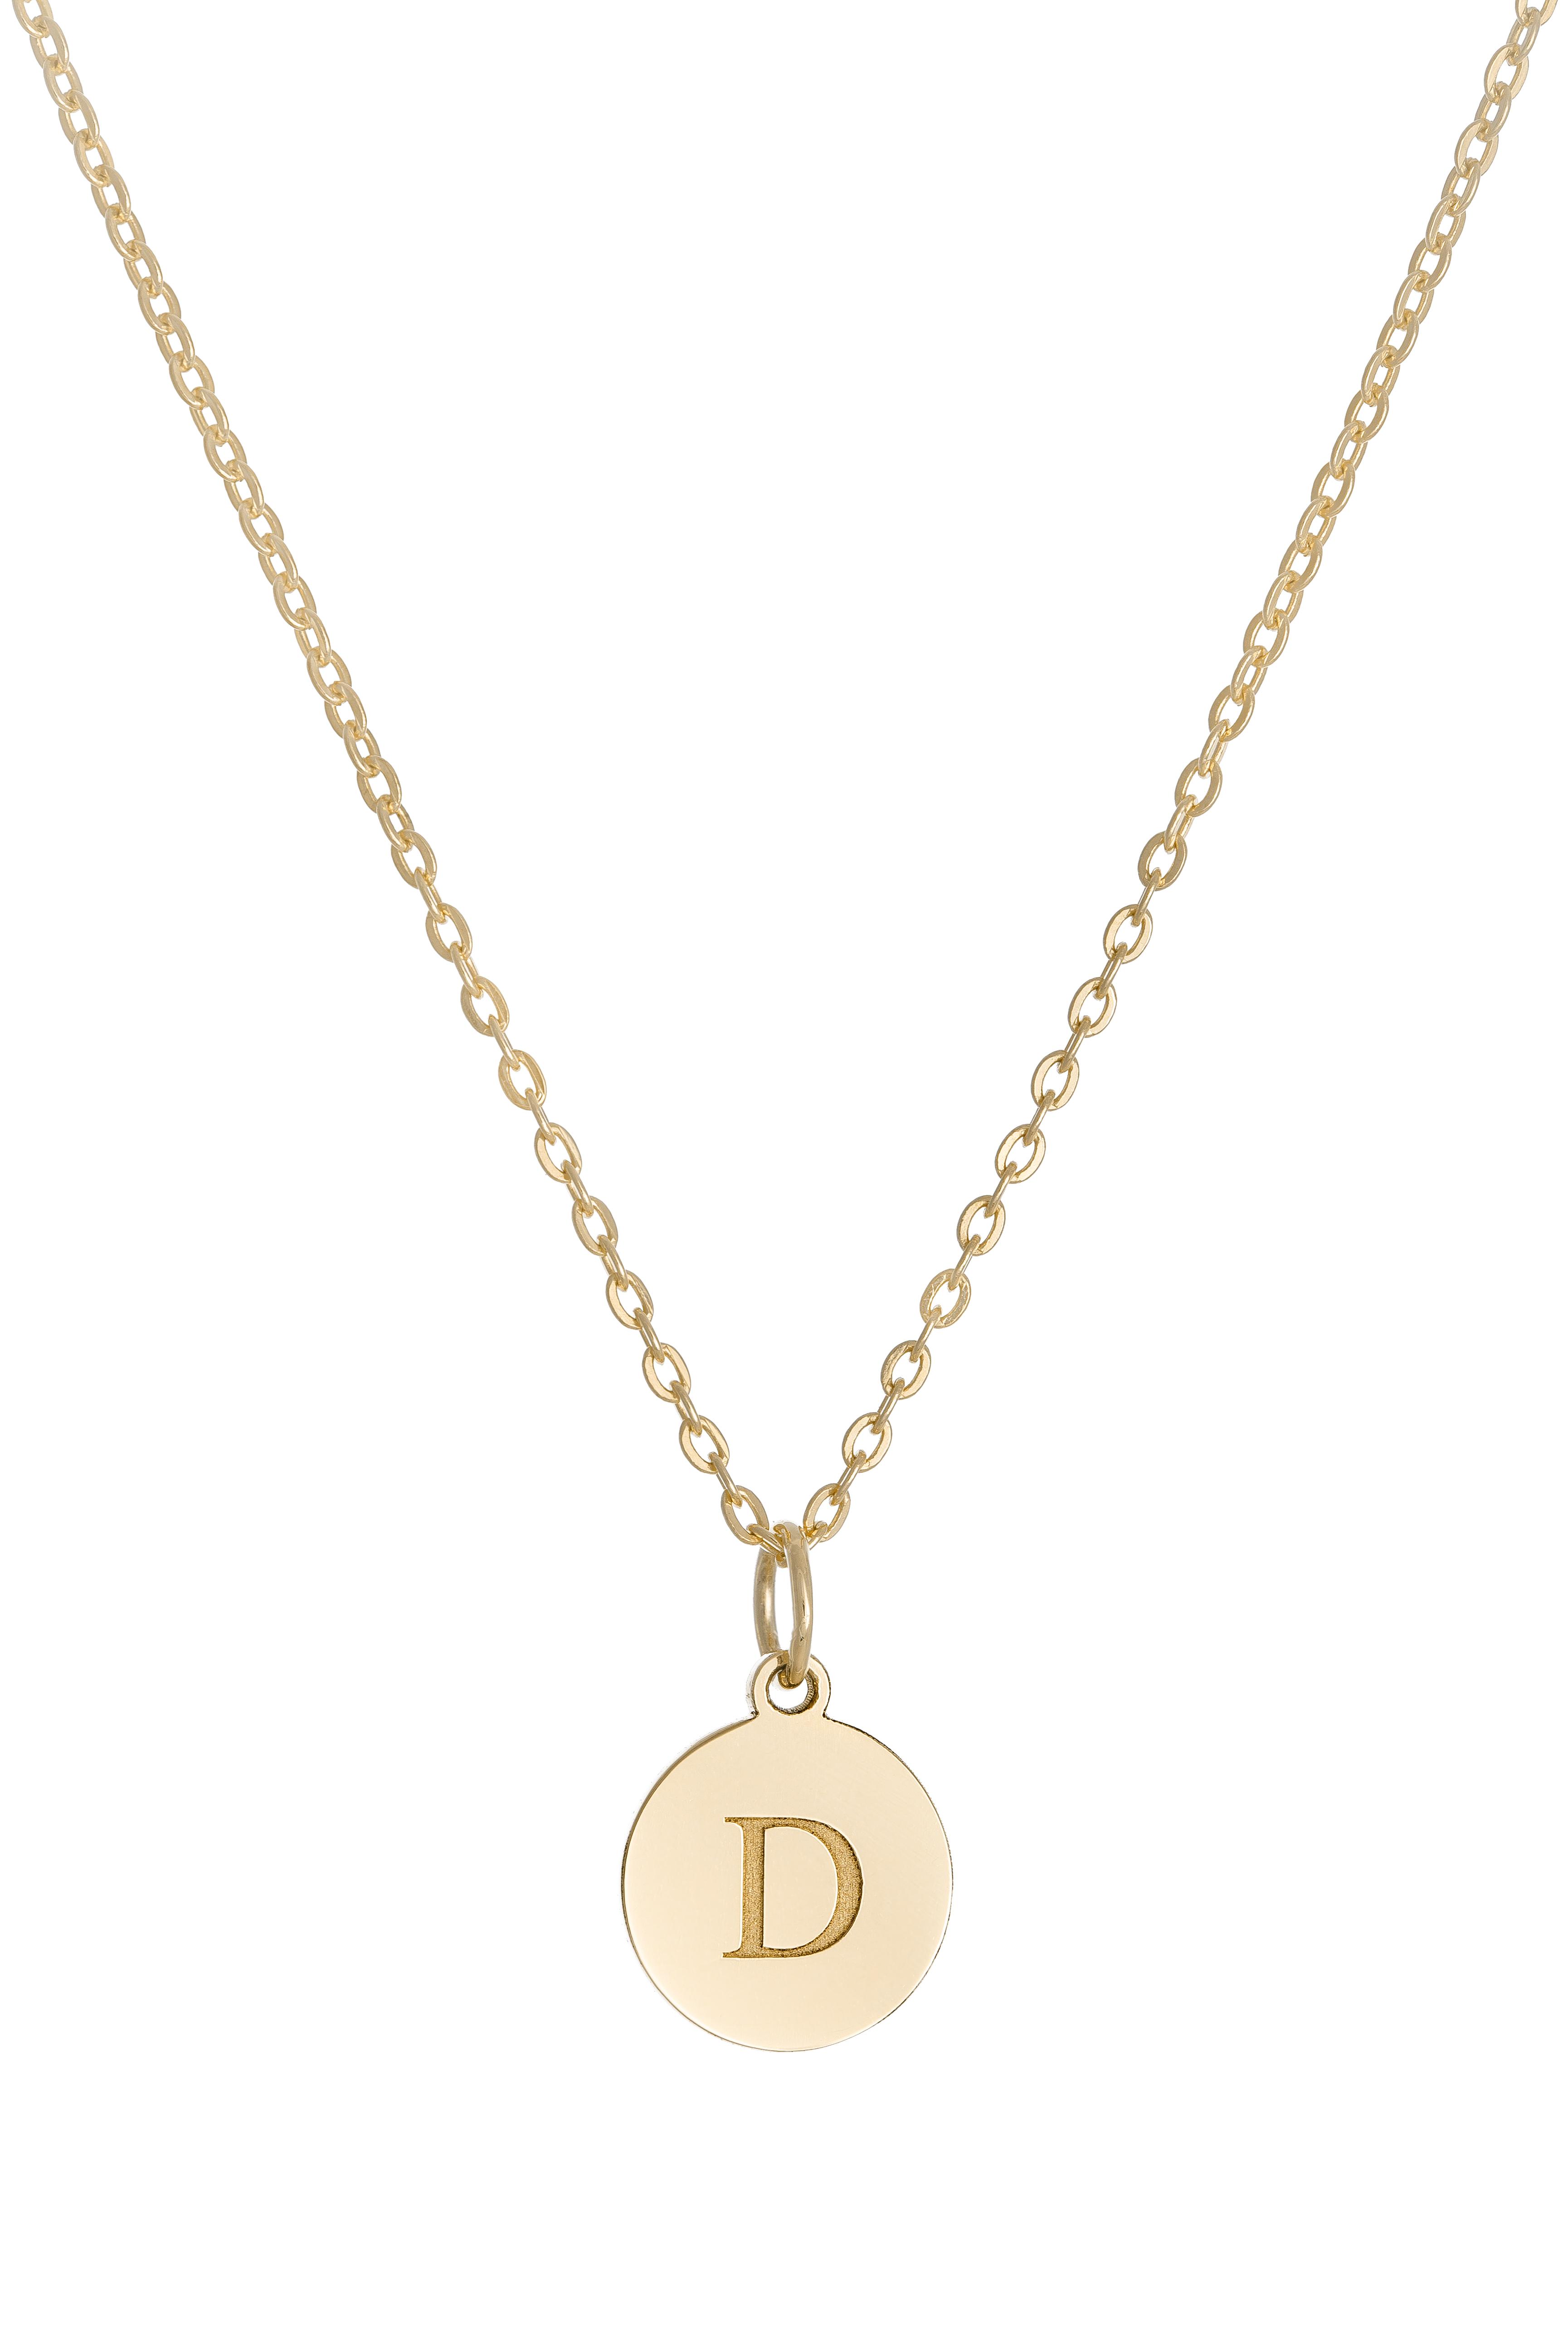 Náhrdelník BY LEON.Y. 14kt zlato, Medailón iniciál A - Z